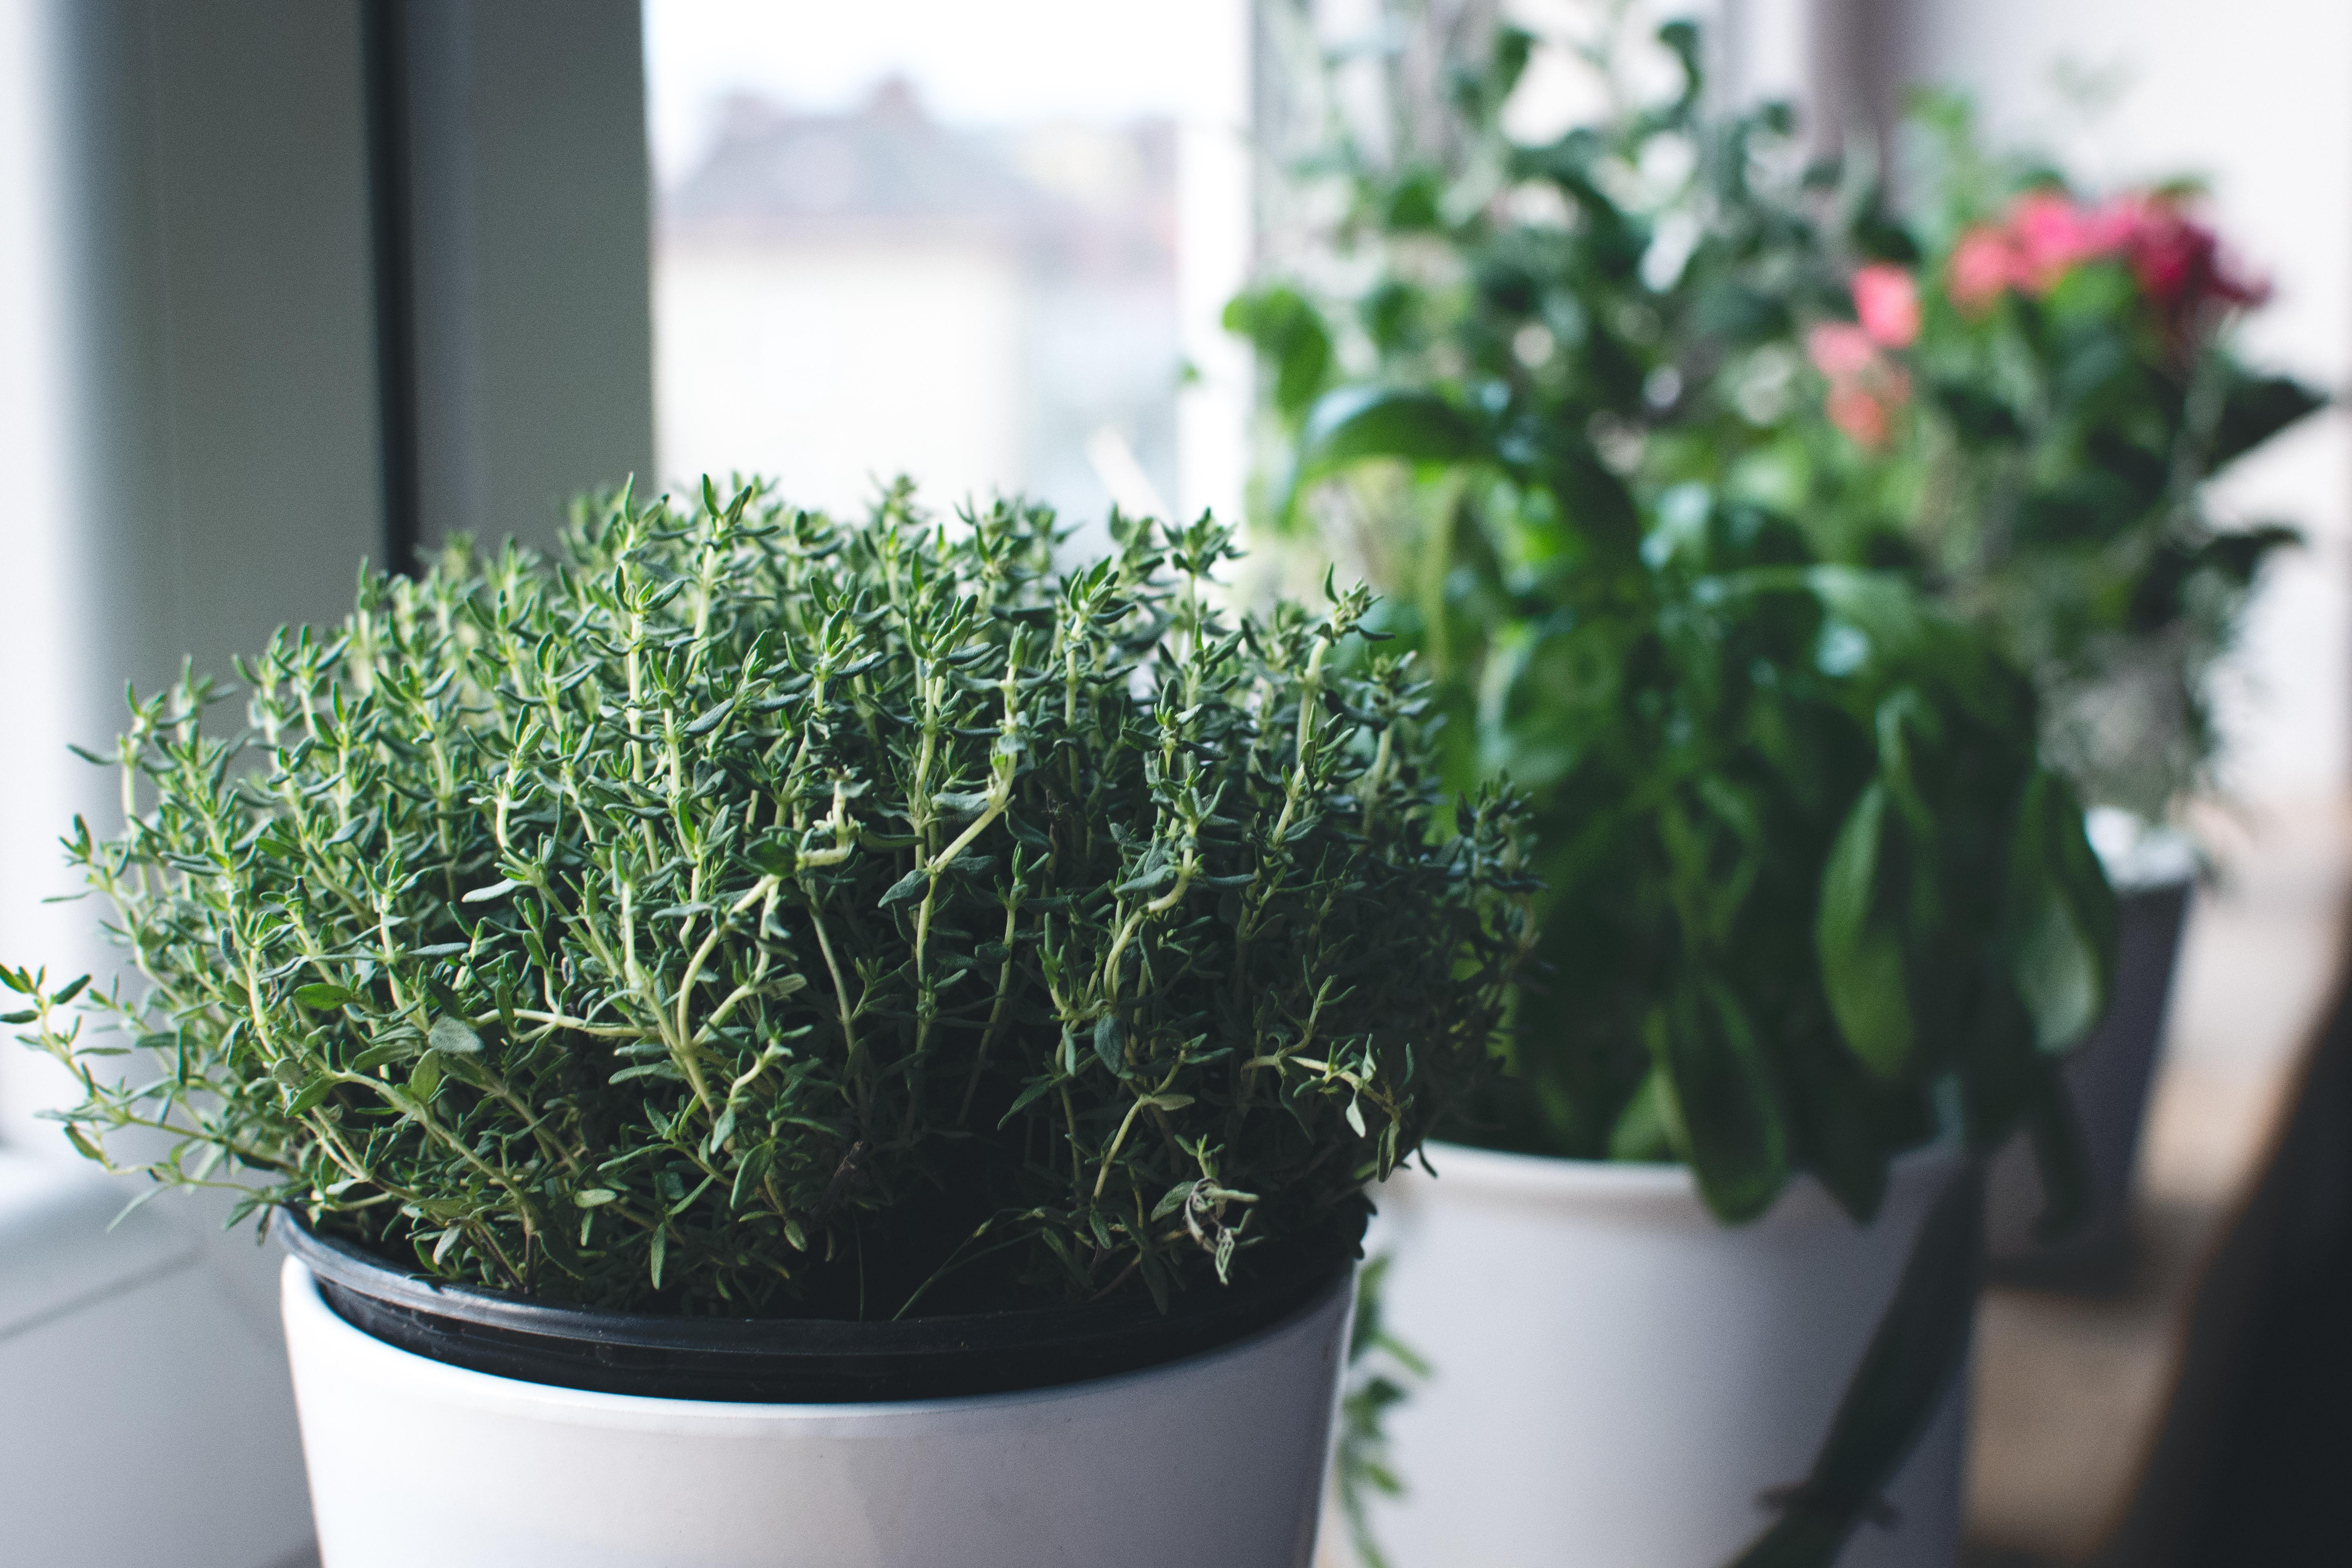 Coltivare le erbe aromatiche - timo